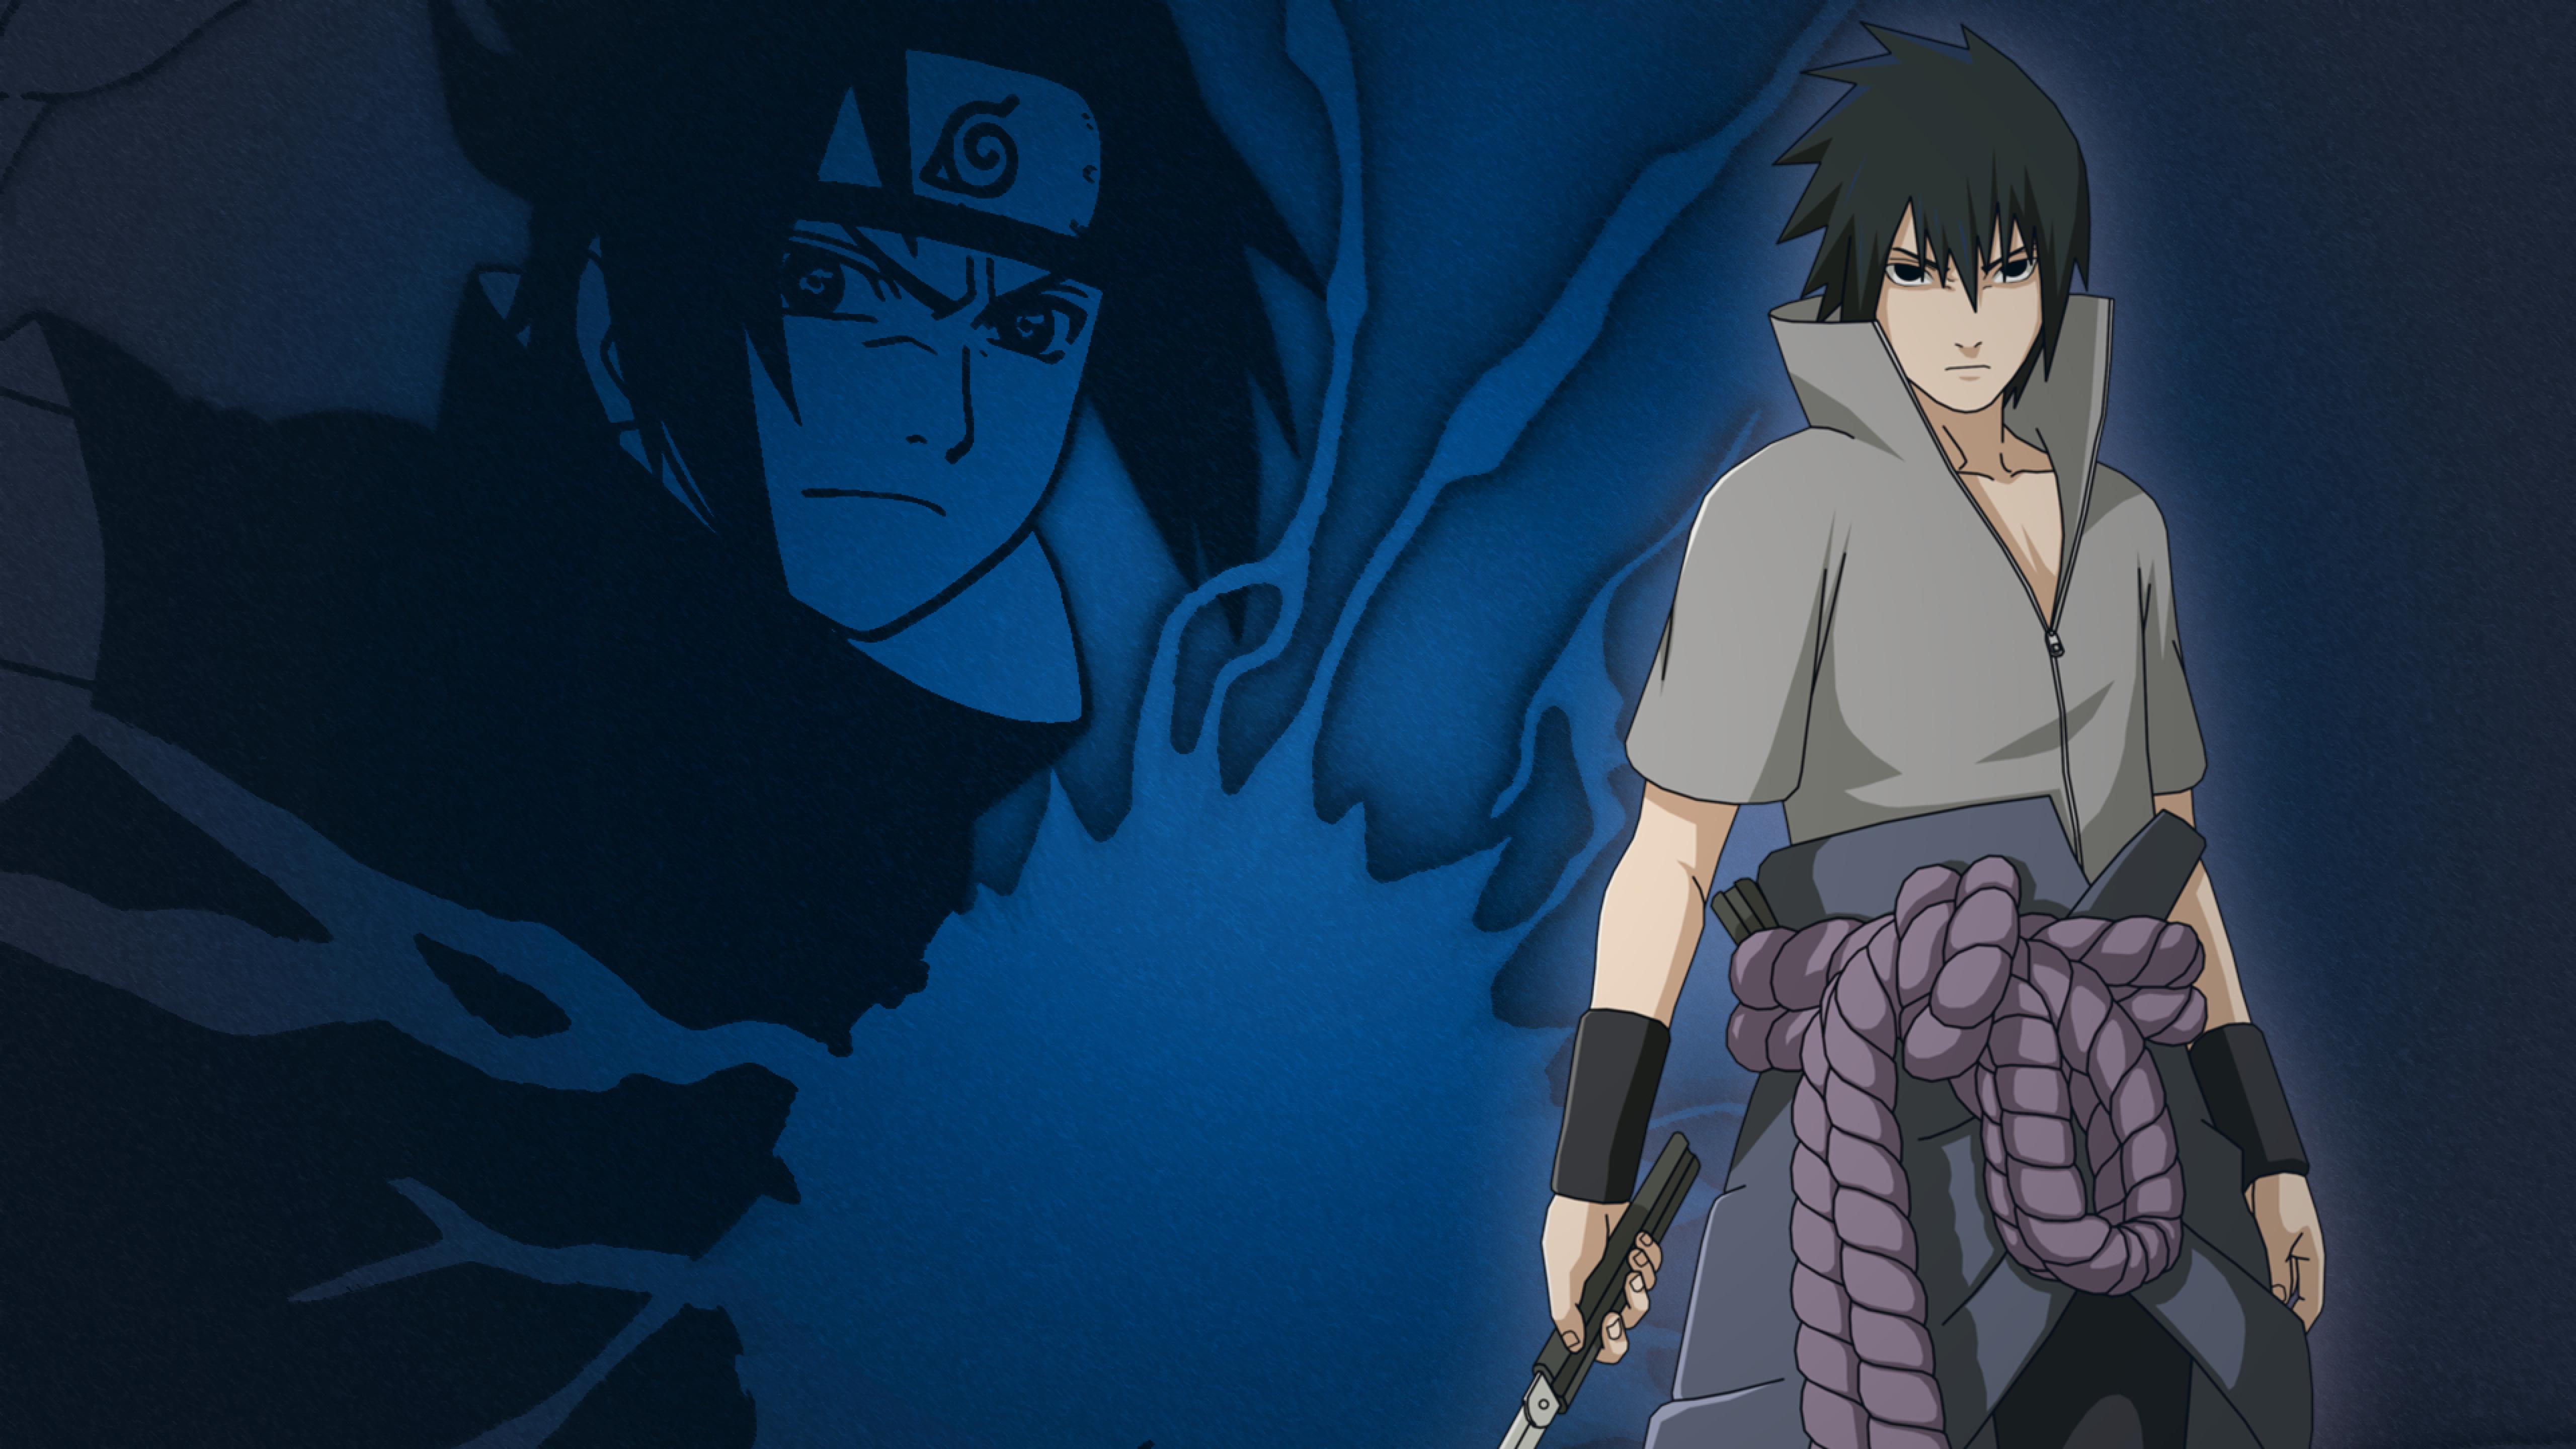 5120x2880 Sasuke Uchiha Naruto Anime 5k Wallpaper Hd Anime